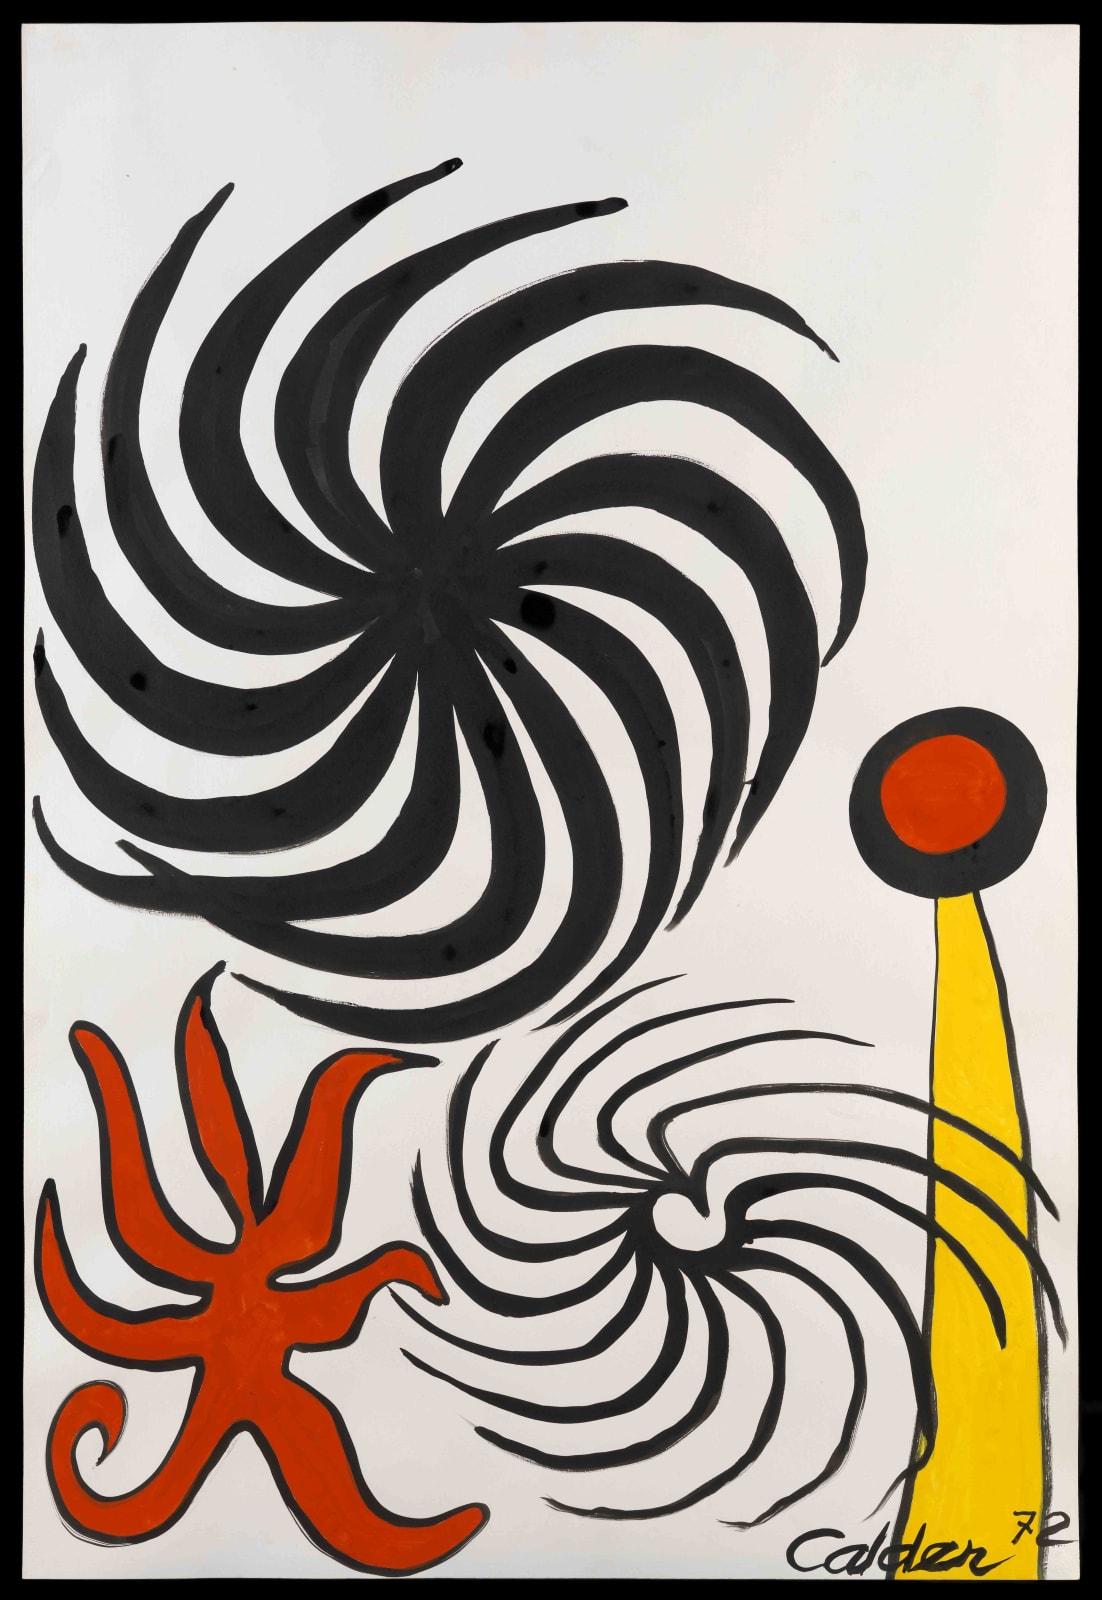 Alexander Calder, Untitled, 1972